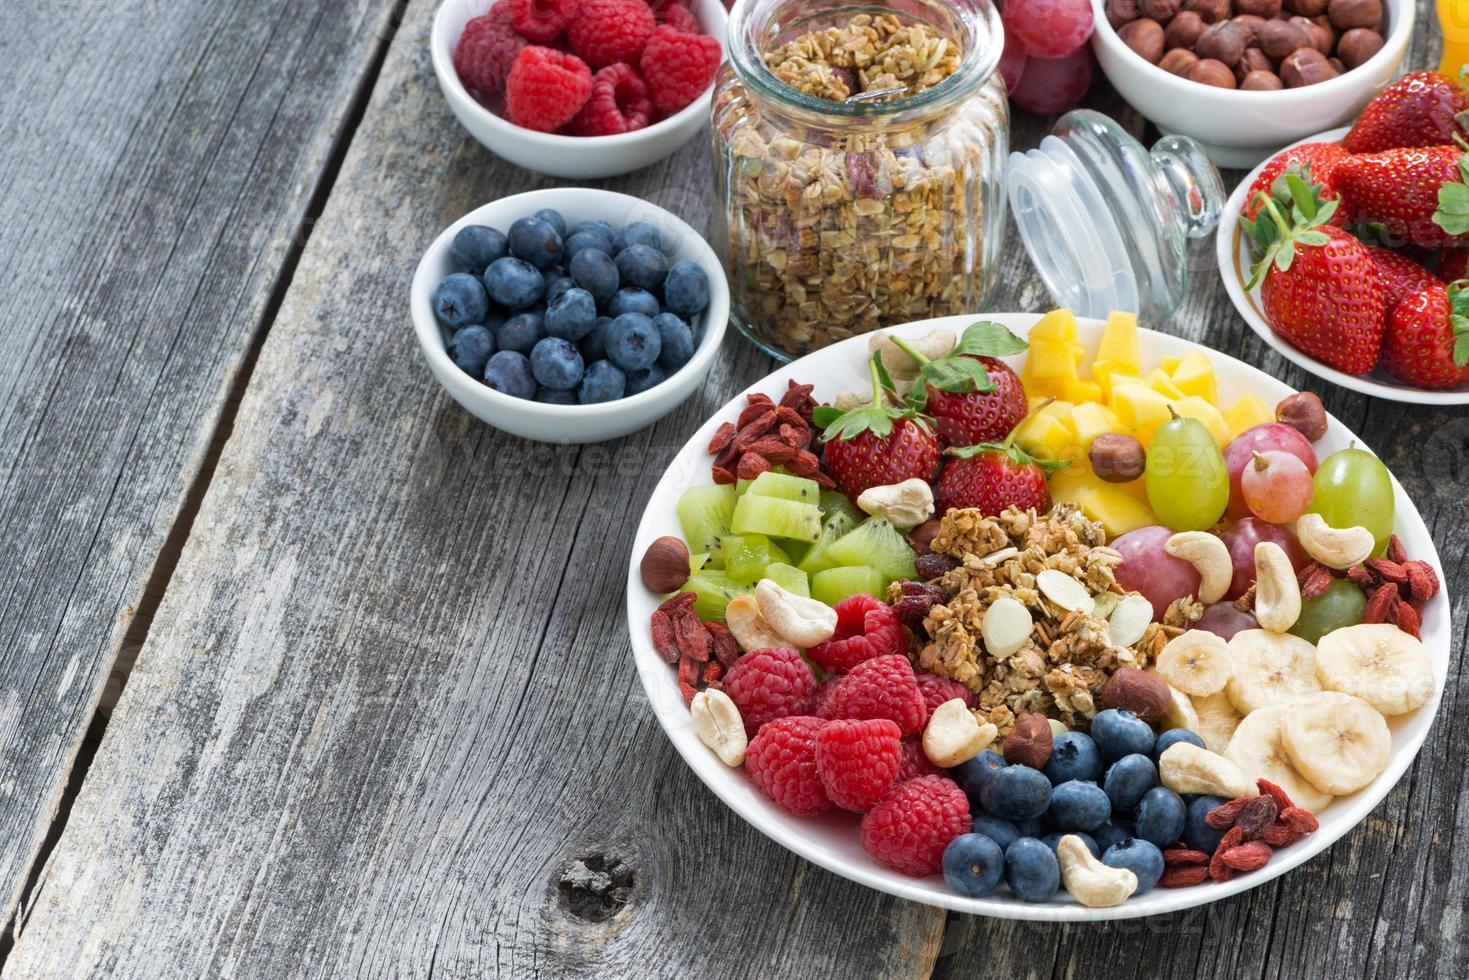 ingredientes para um café da manhã saudável - frutas, frutas, muesli foto